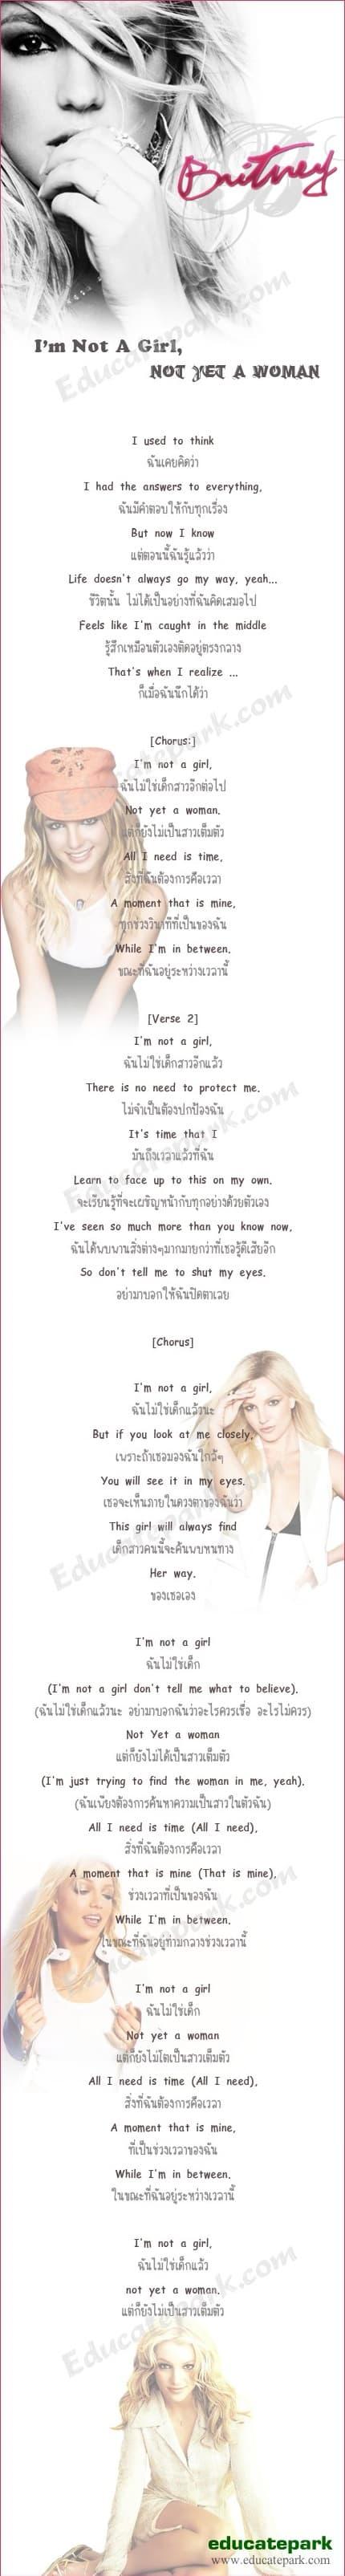 แปลเพลง I'm Not A Girl, Not Yet A Woman - Britney Spears